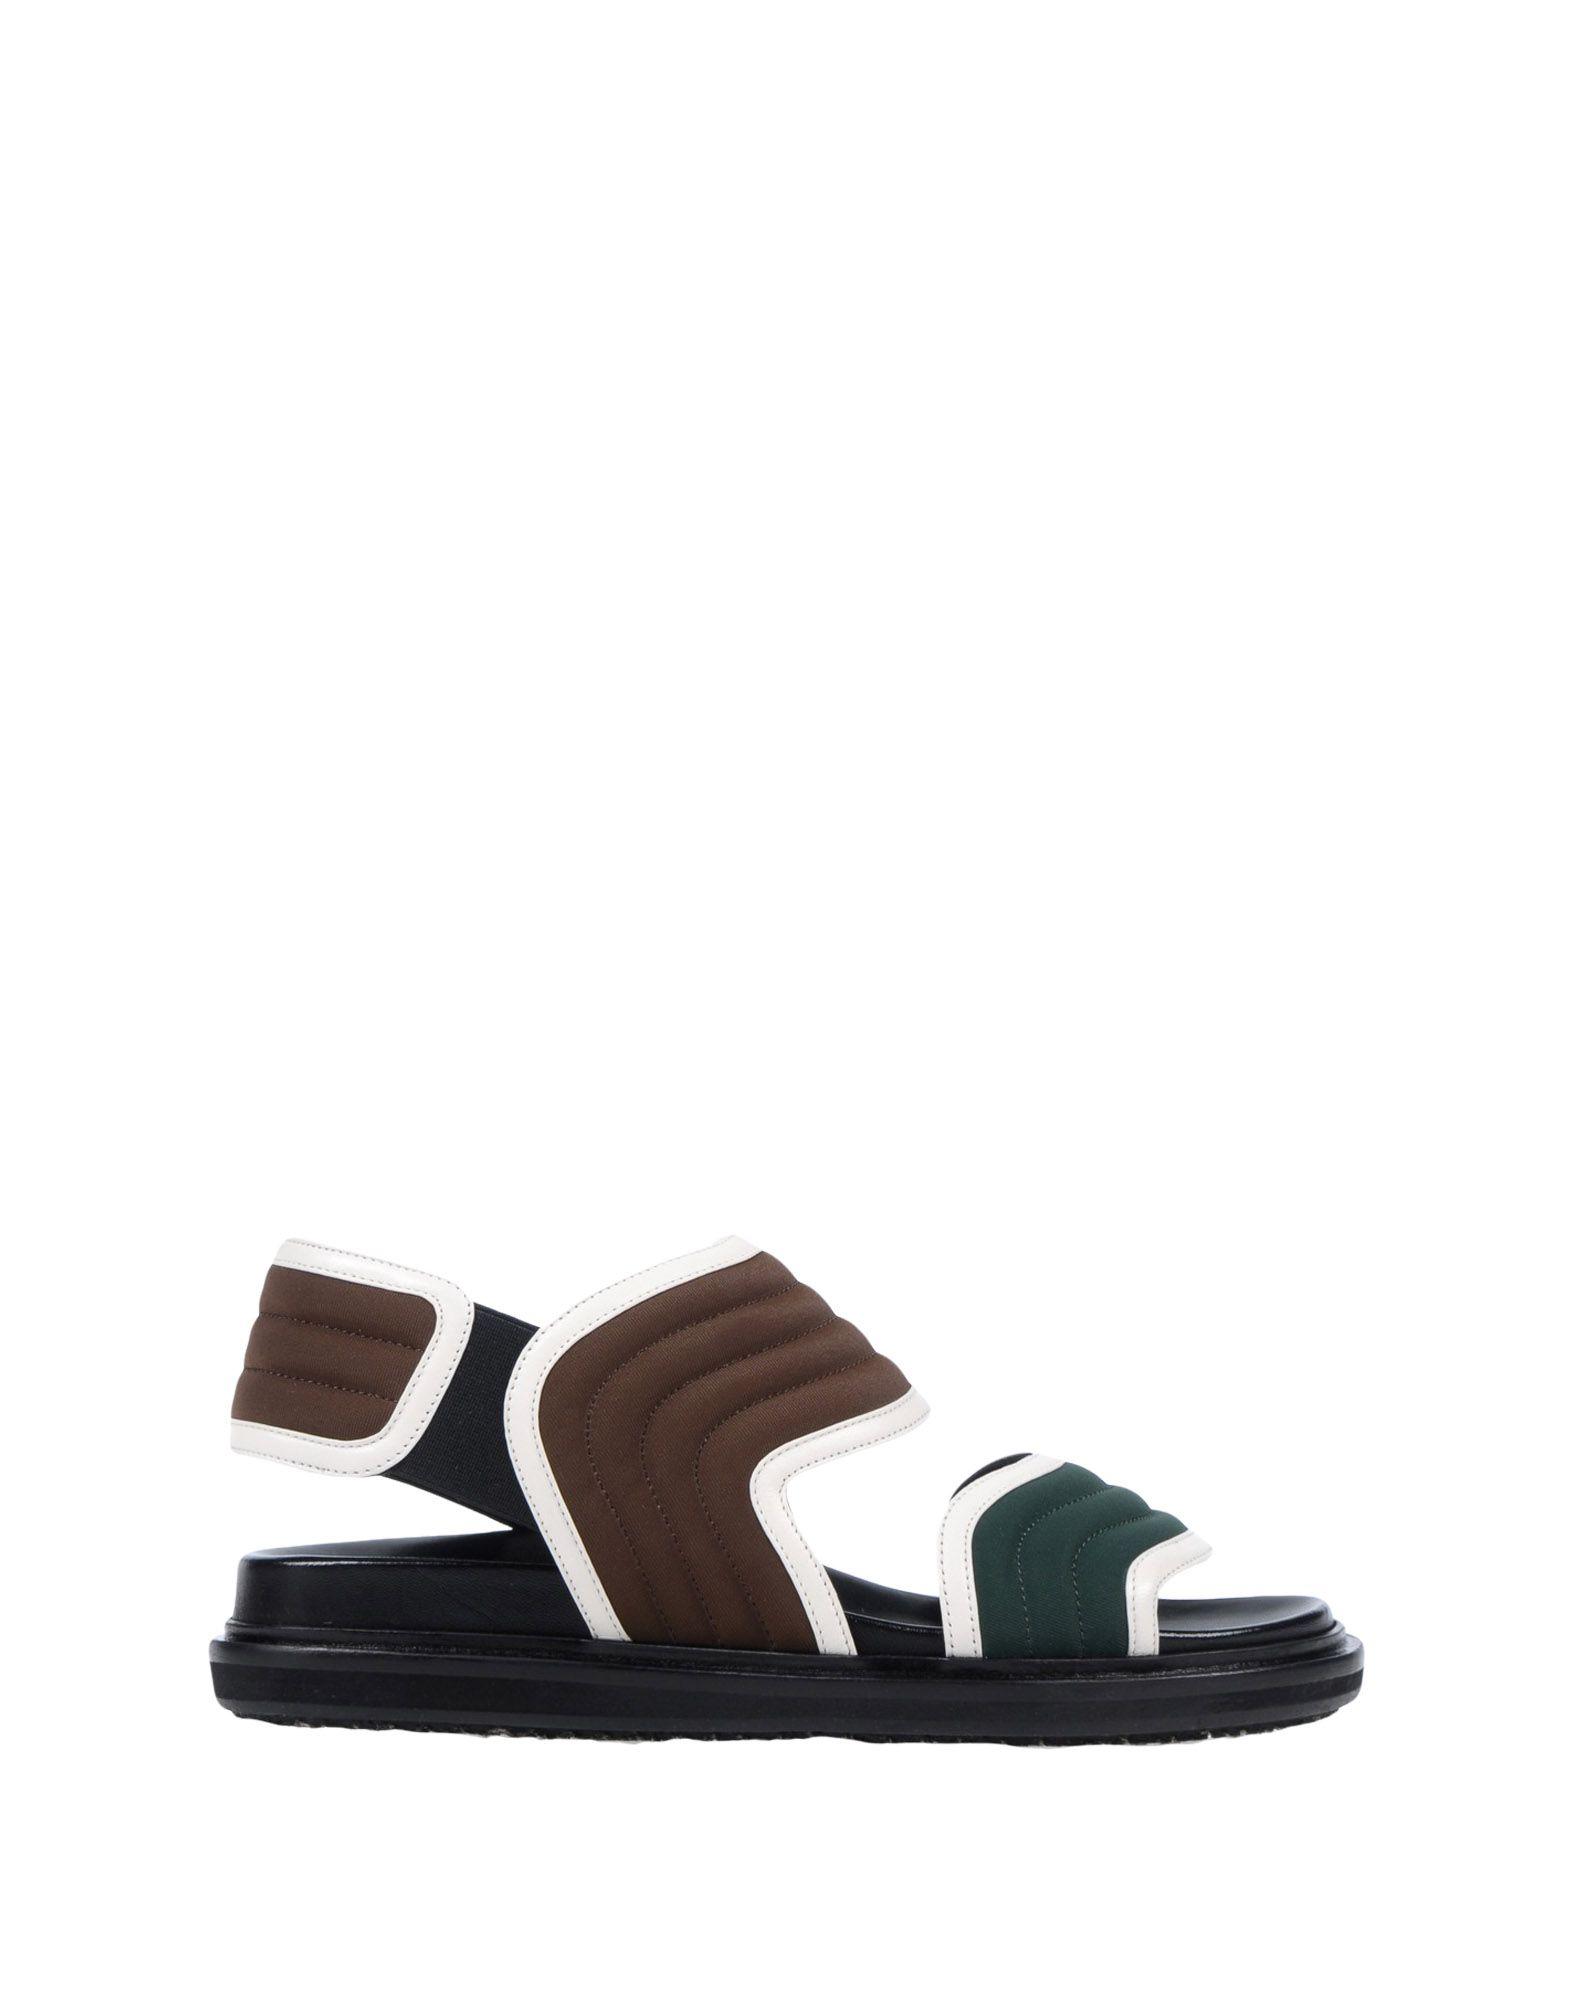 Marni Damen Sandalen Damen Marni  11513062LM Heiße Schuhe ccabe4